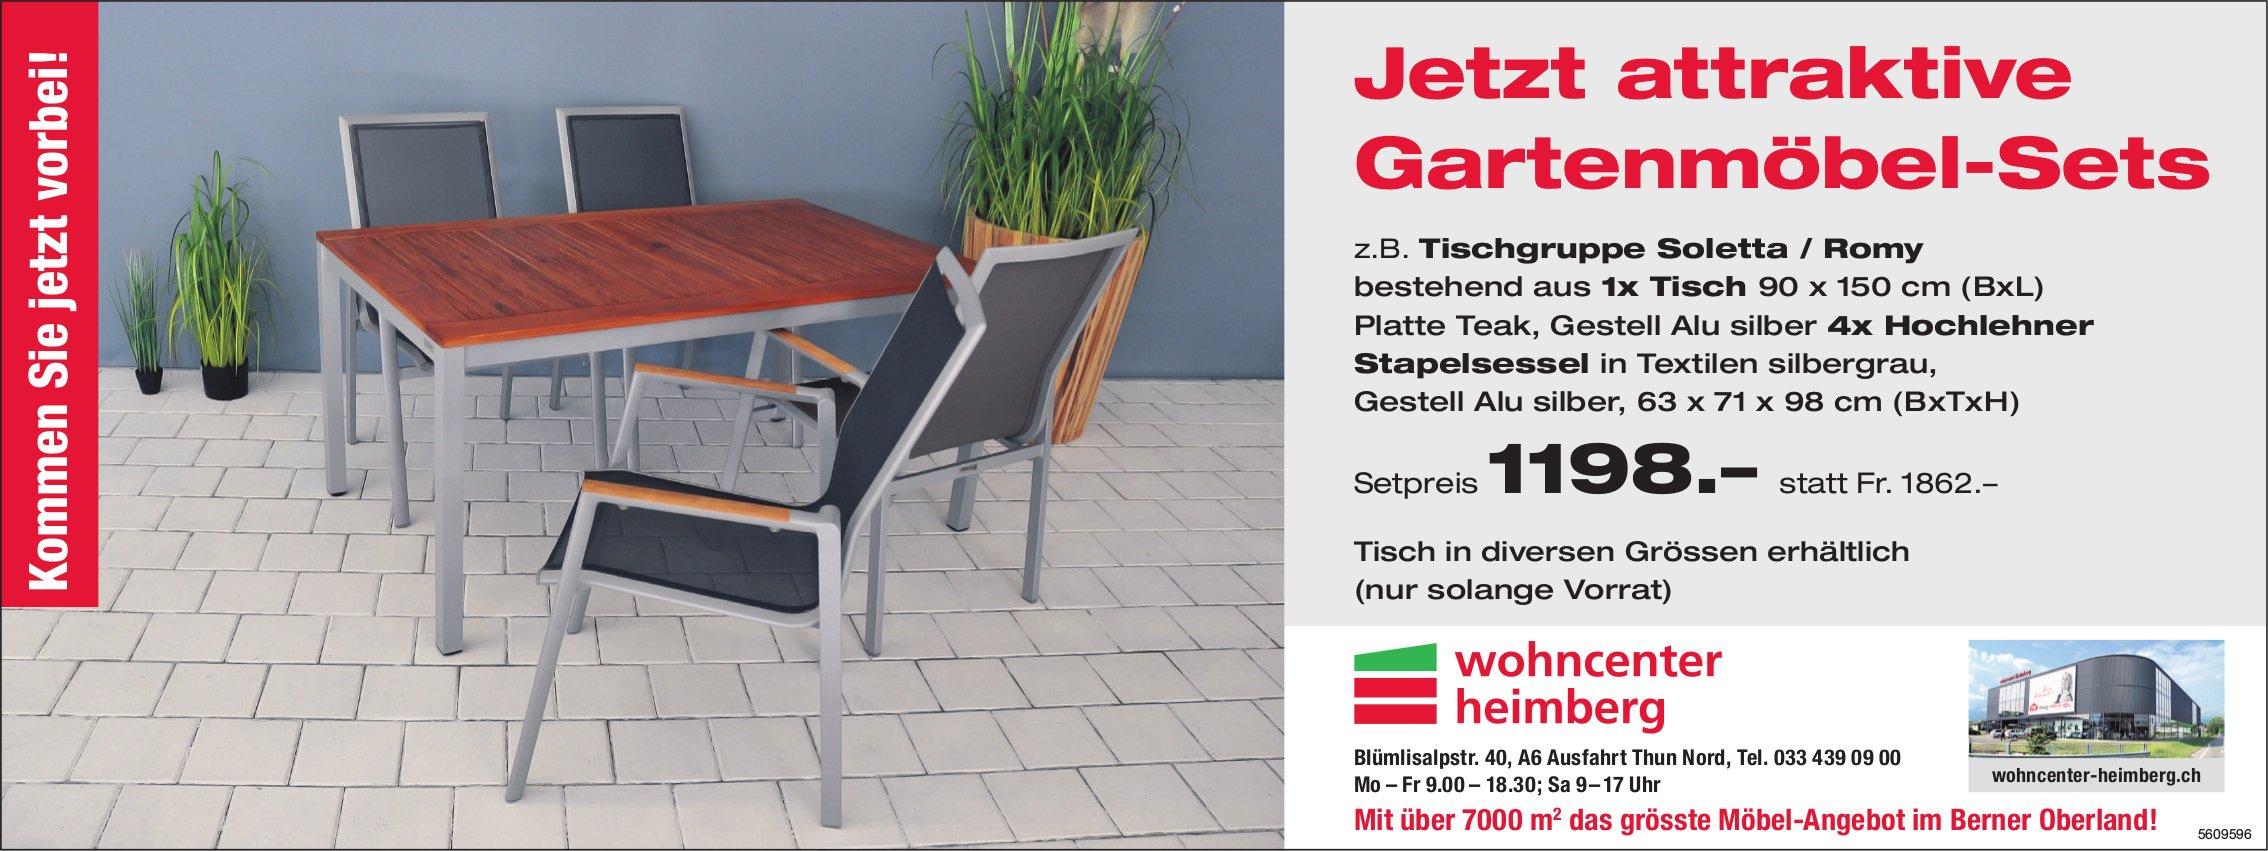 Wohncenter Heimberg - Jetzt attraktive Gartenmöbel-Sets